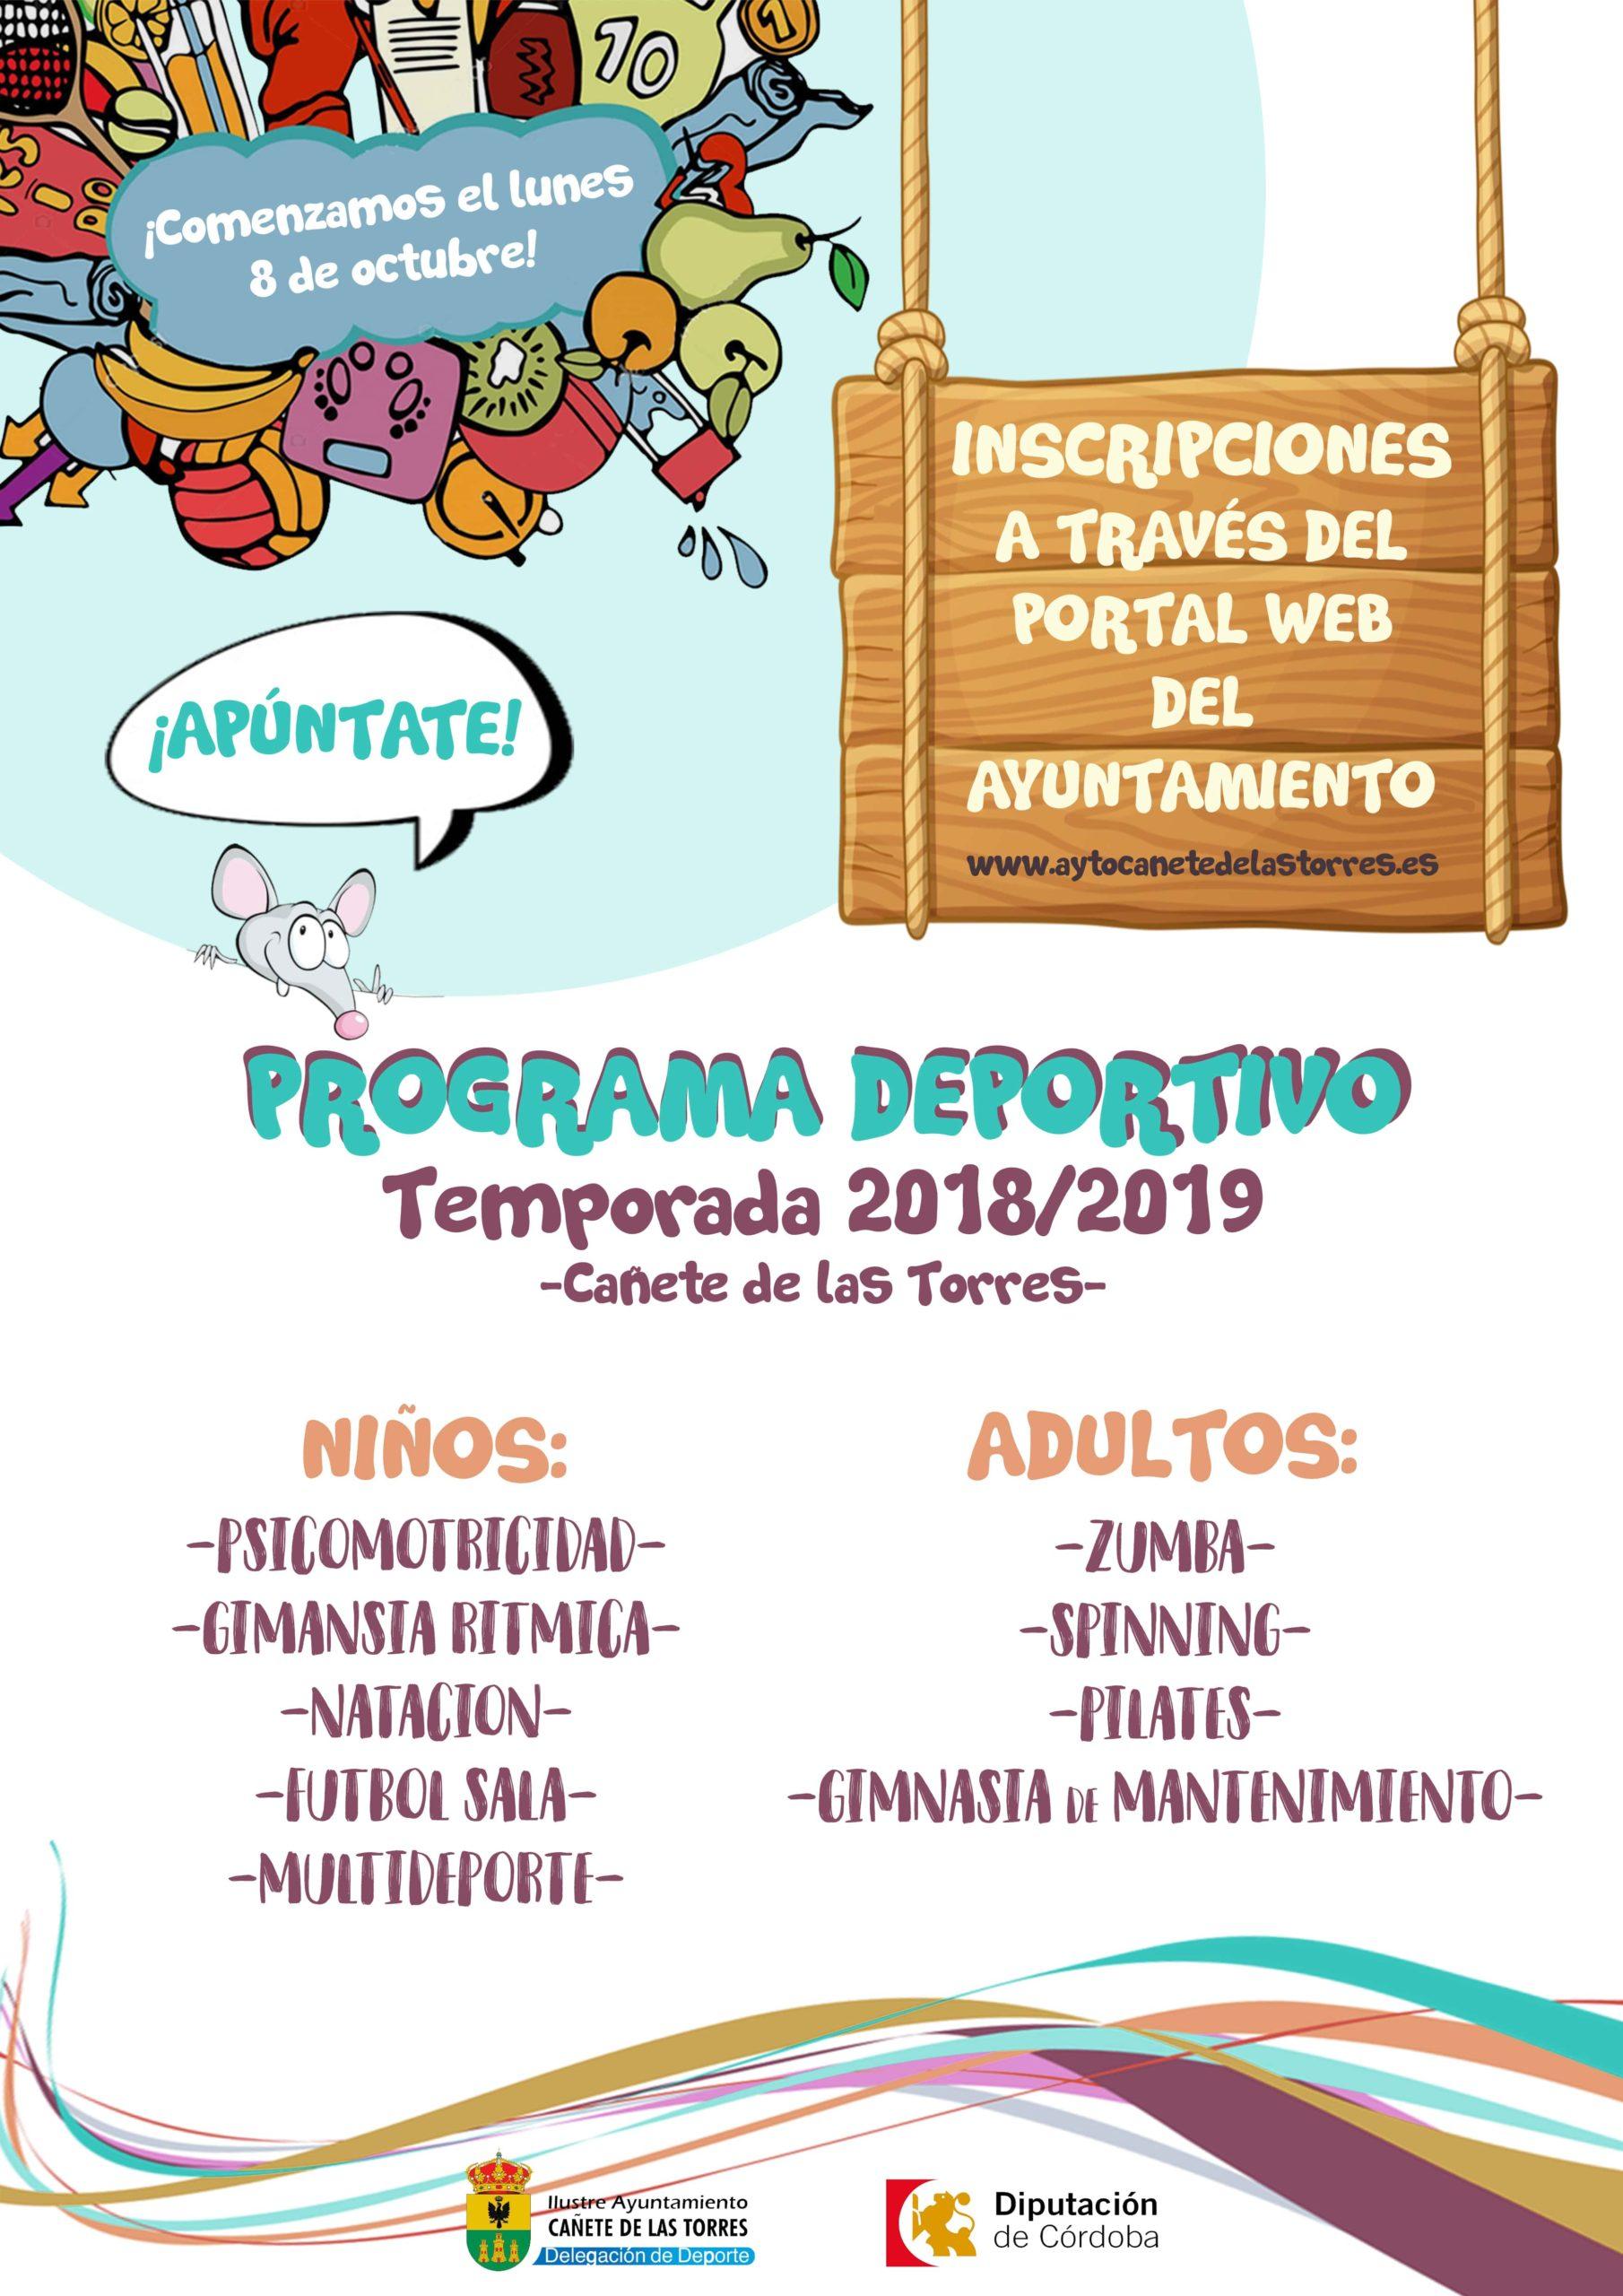 Programa deportivo temporada 2018/2019 1